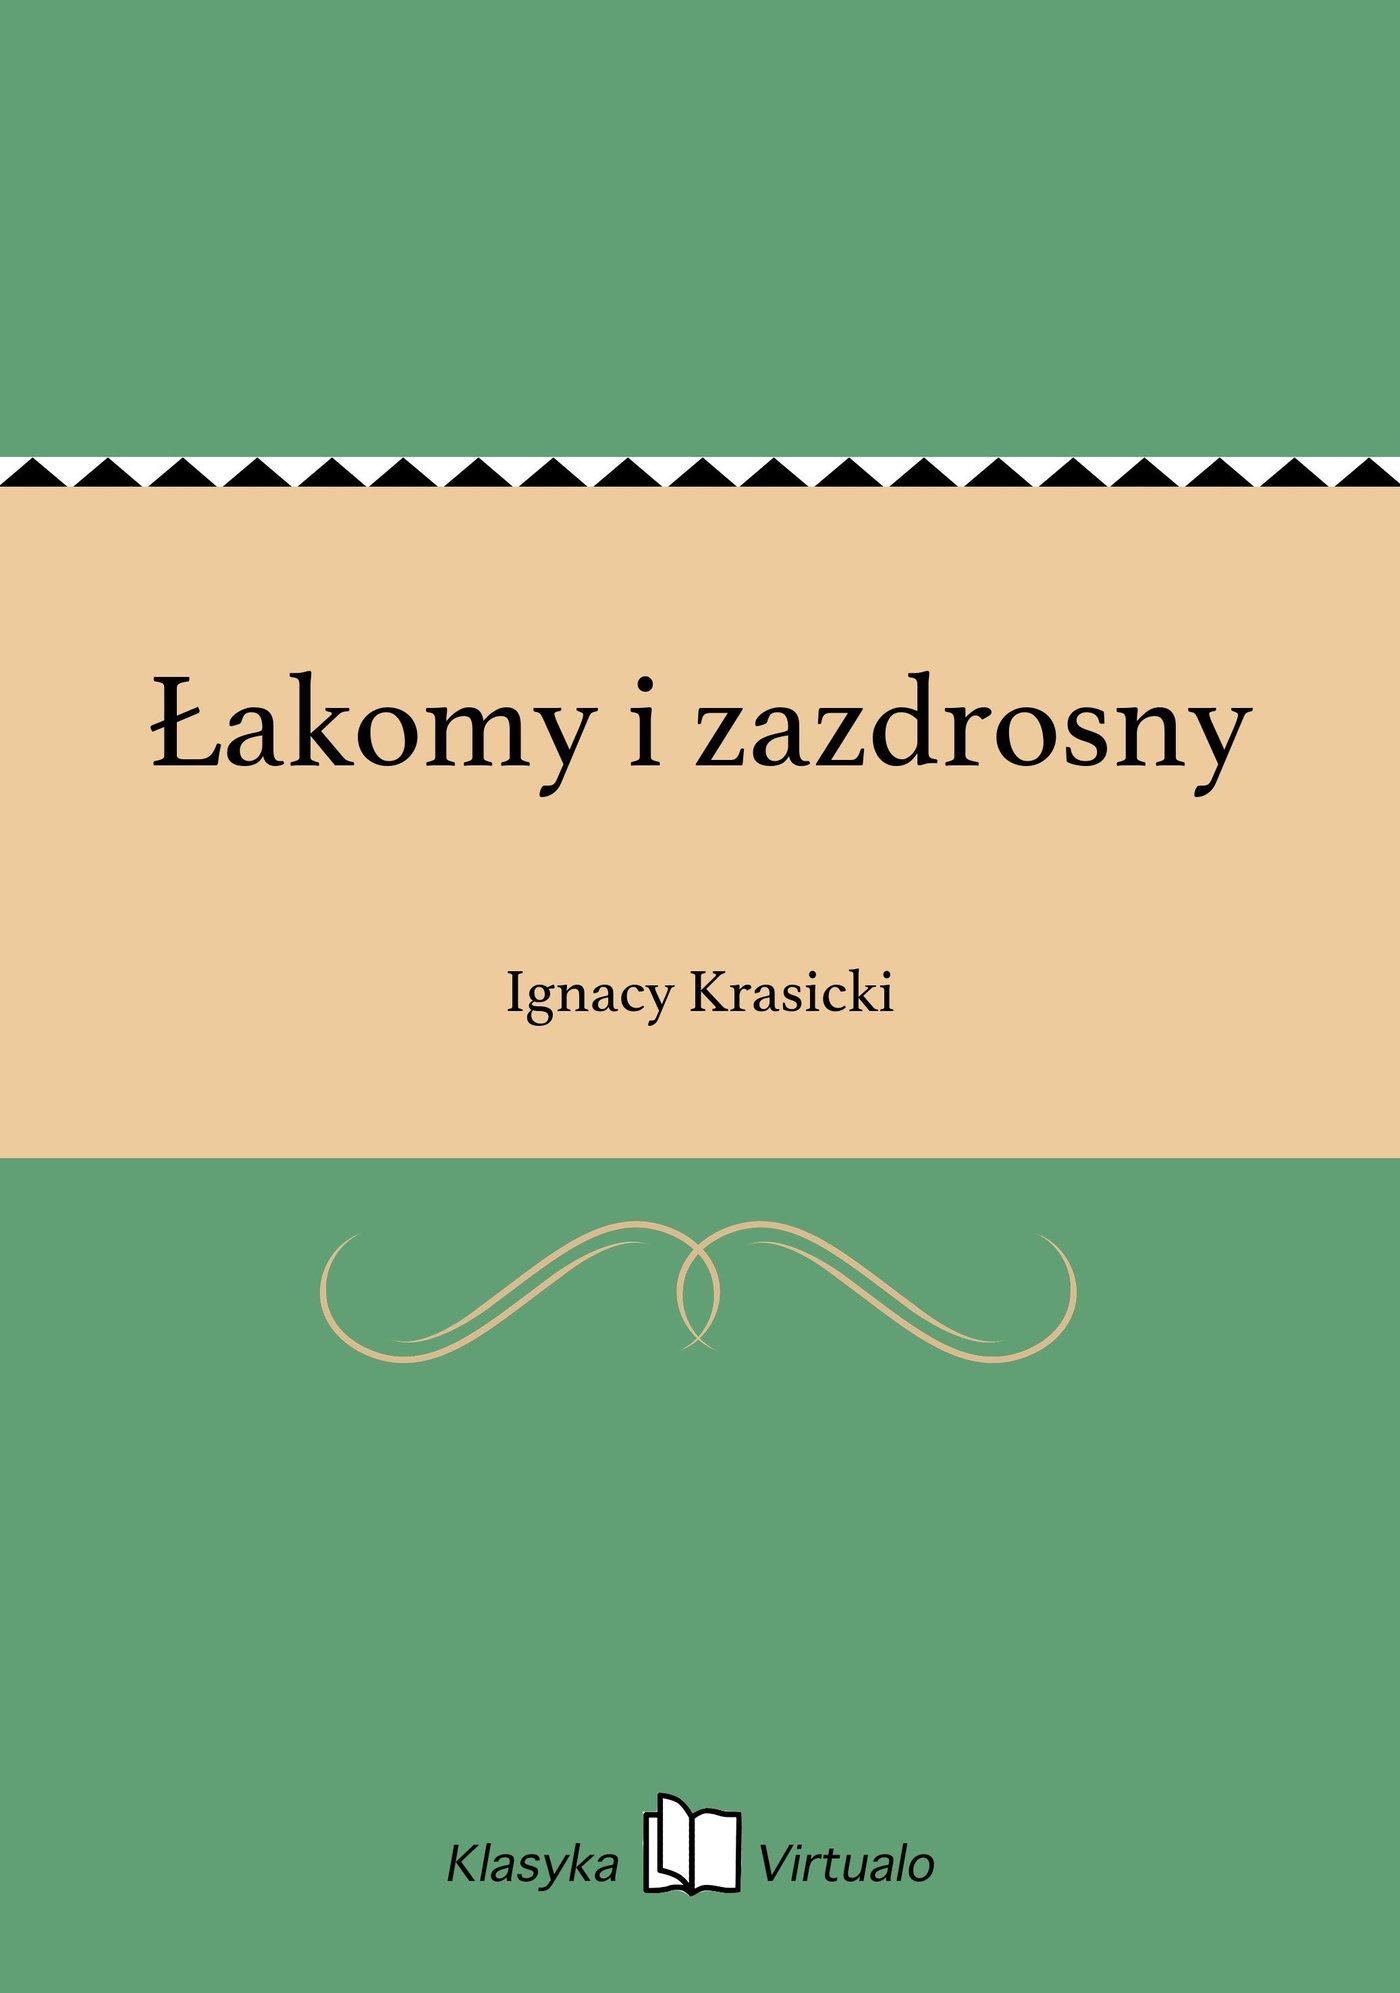 Łakomy i zazdrosny - Ebook (Książka EPUB) do pobrania w formacie EPUB